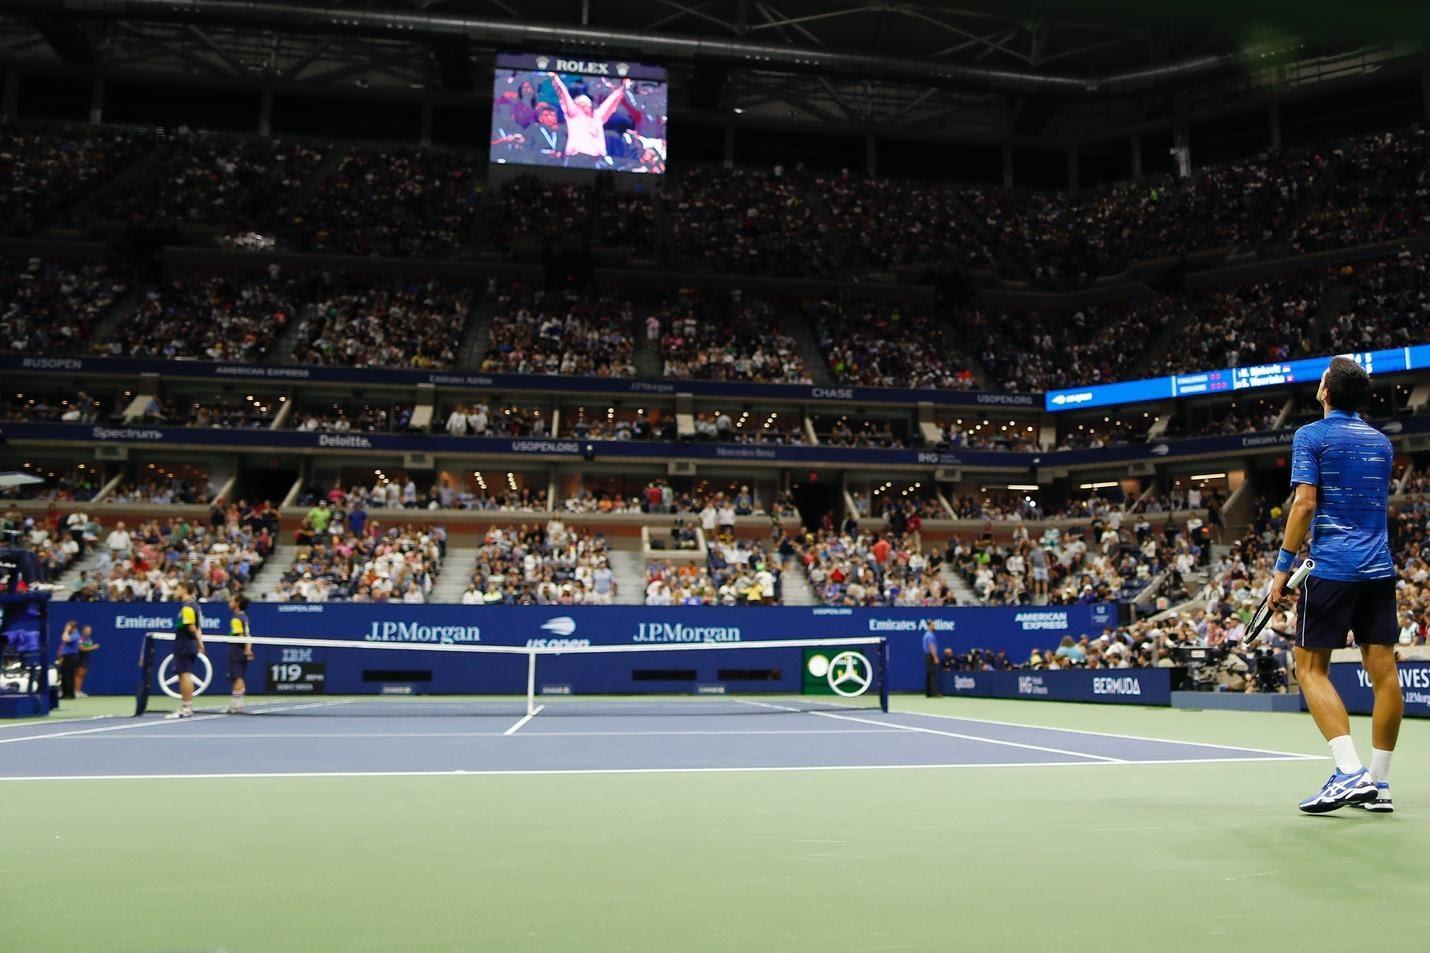 Let the Tennis Wars Begin